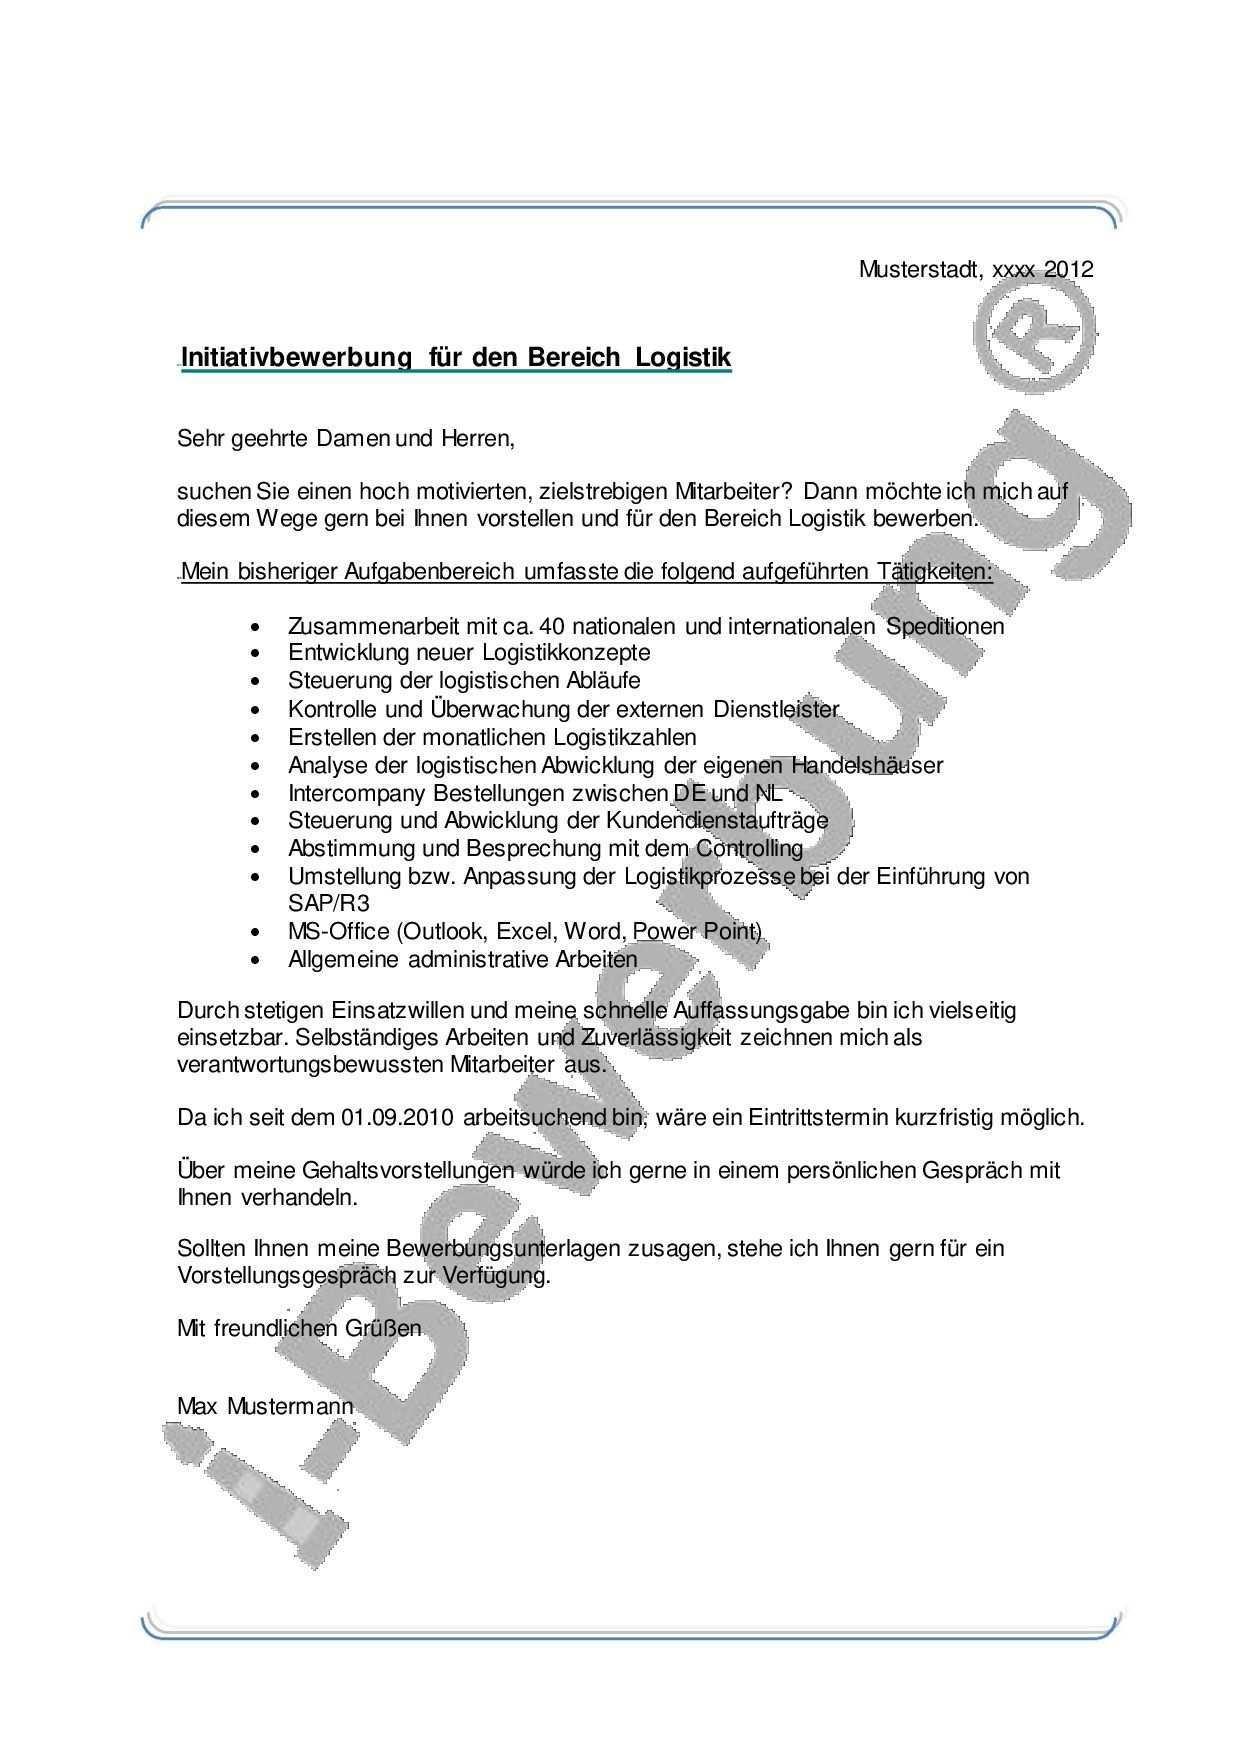 Muster Anschreiben Zur Initiativbewerbung Bereich Logistik Bewerbung Anschreiben Vorlagen Lebenslauf